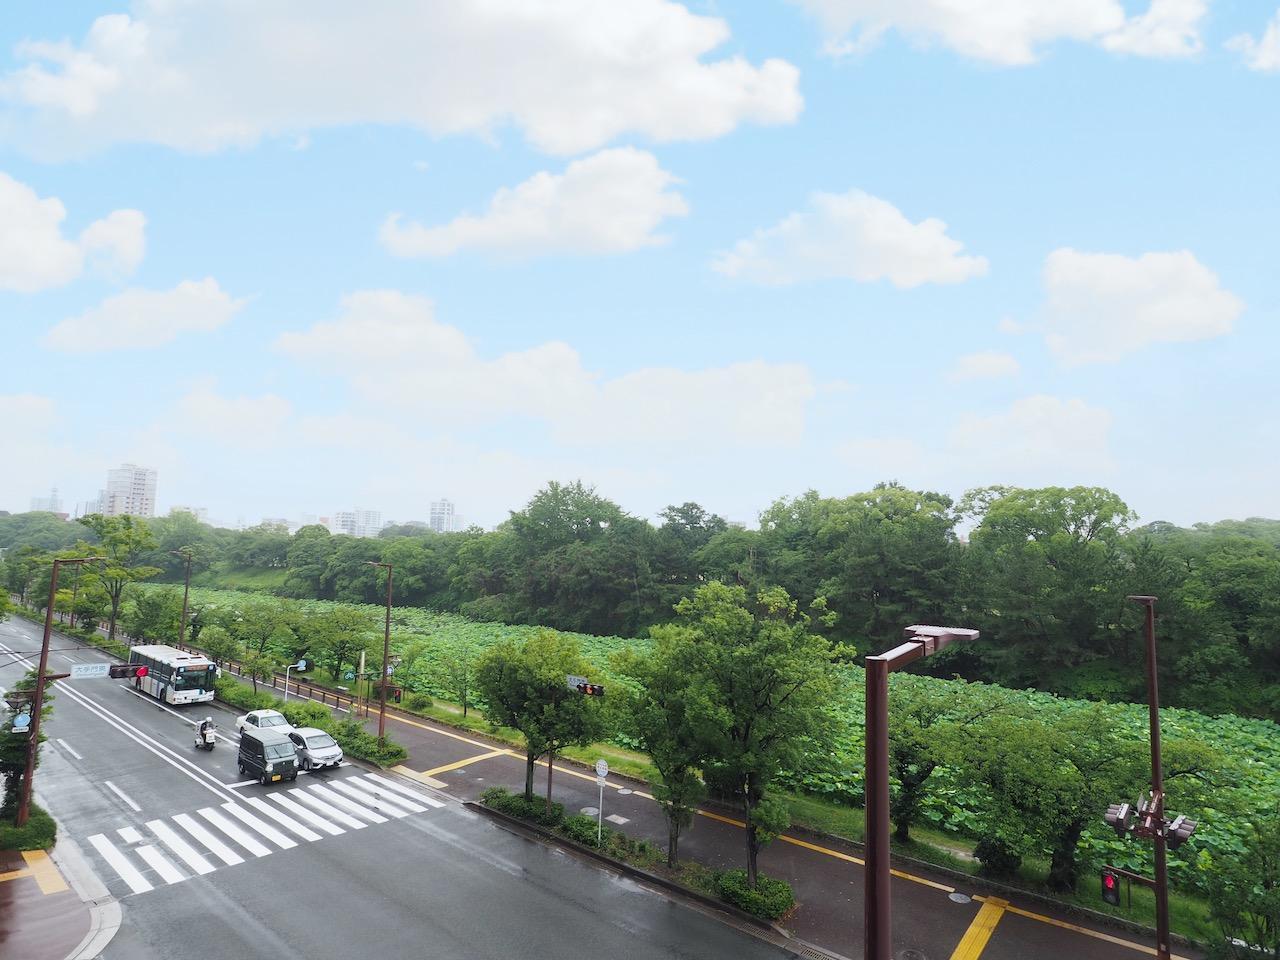 濠のエリート (福岡市中央区大手門の物件) - 福岡R不動産